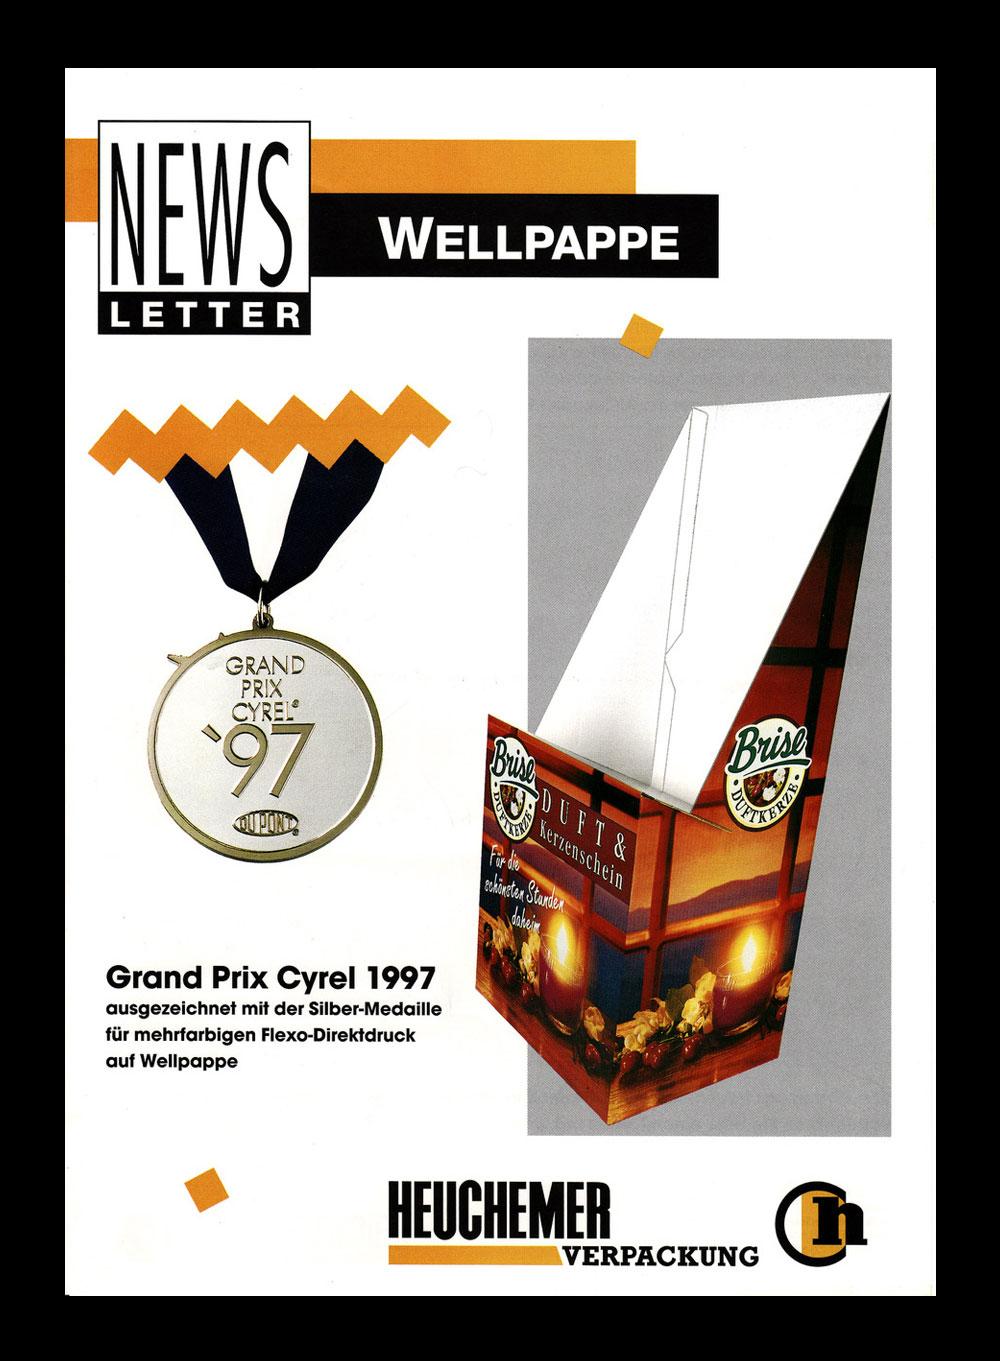 HEUCHEMER VERPACKUNG || Grand Prix Cyrel 1997 - Silber-Medaille Flexodirektdruck auf Wellpappe